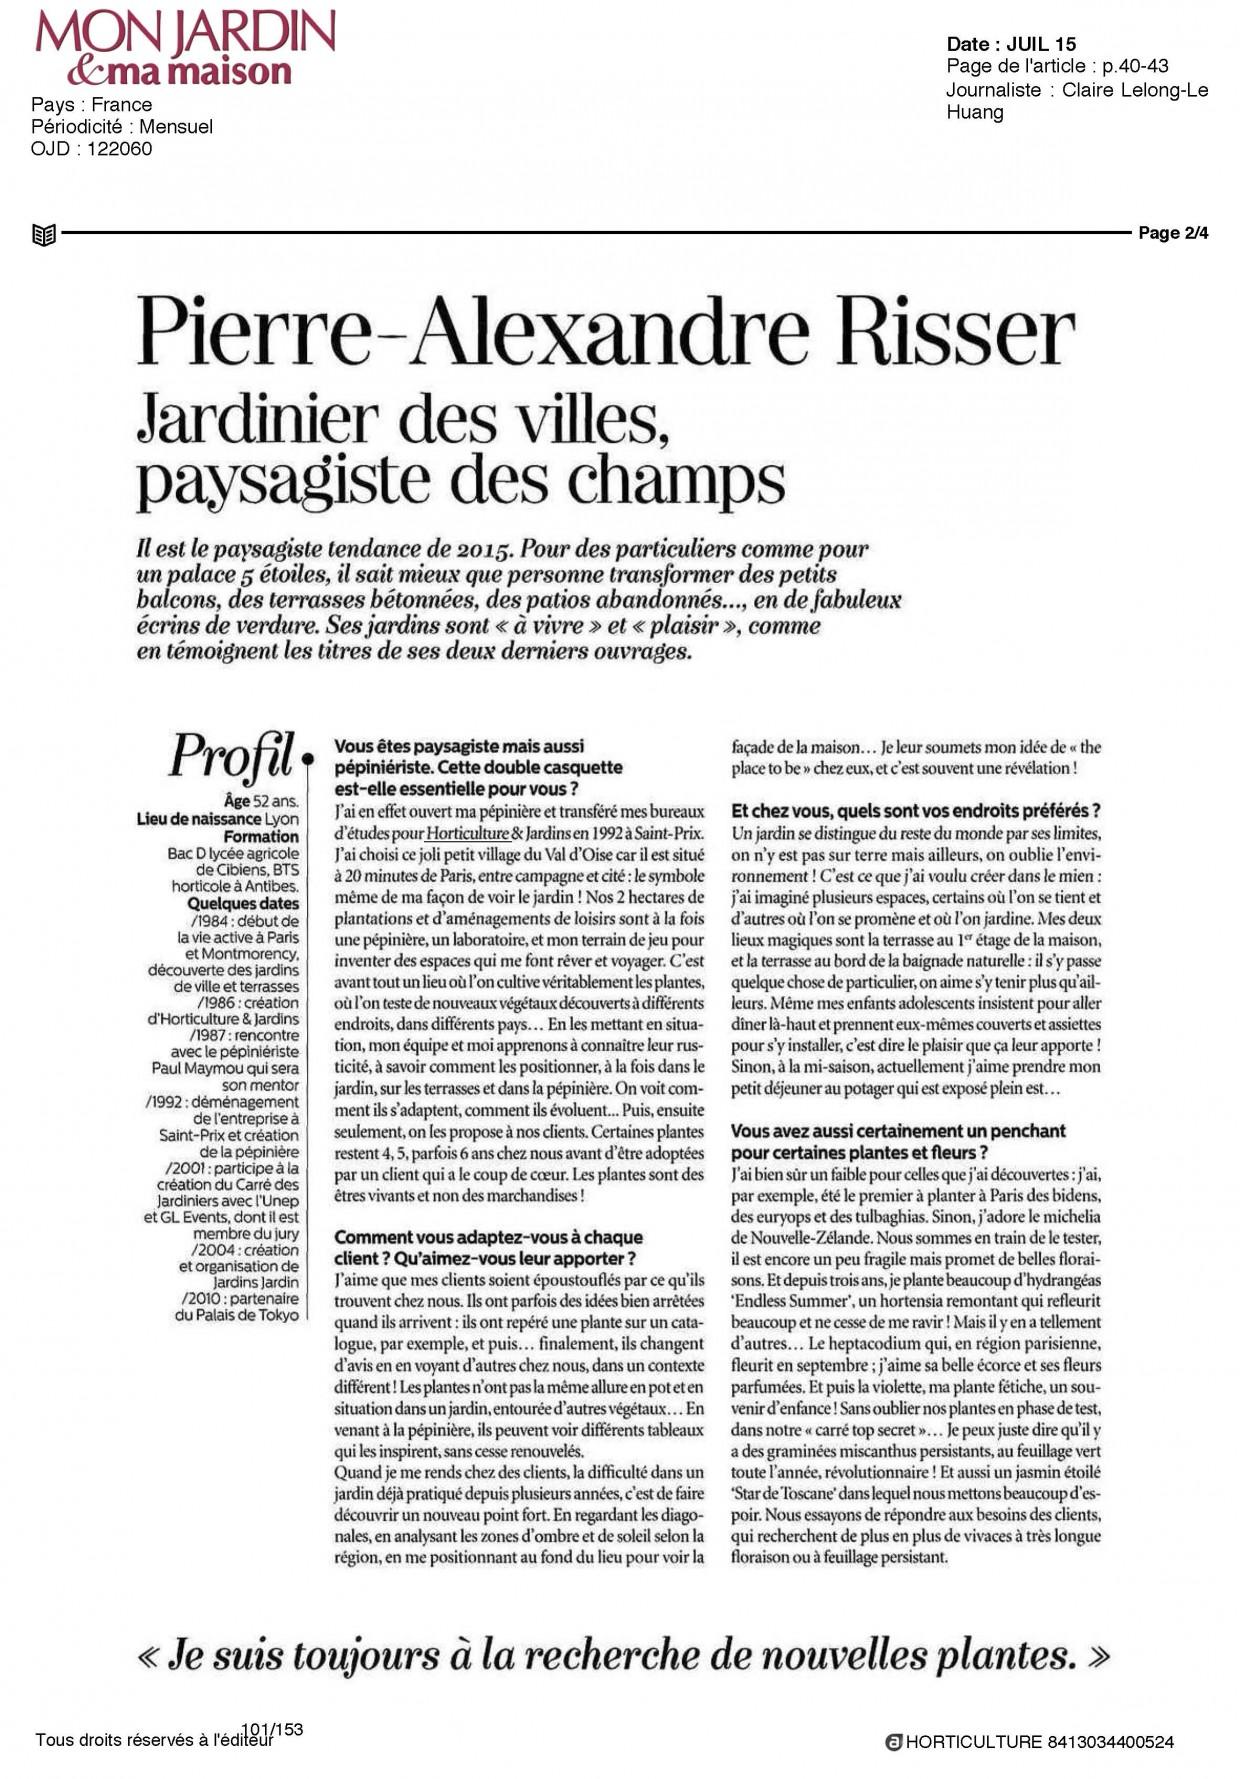 Revue de presse horticulture et jardins - Pierre alexandre risser ...